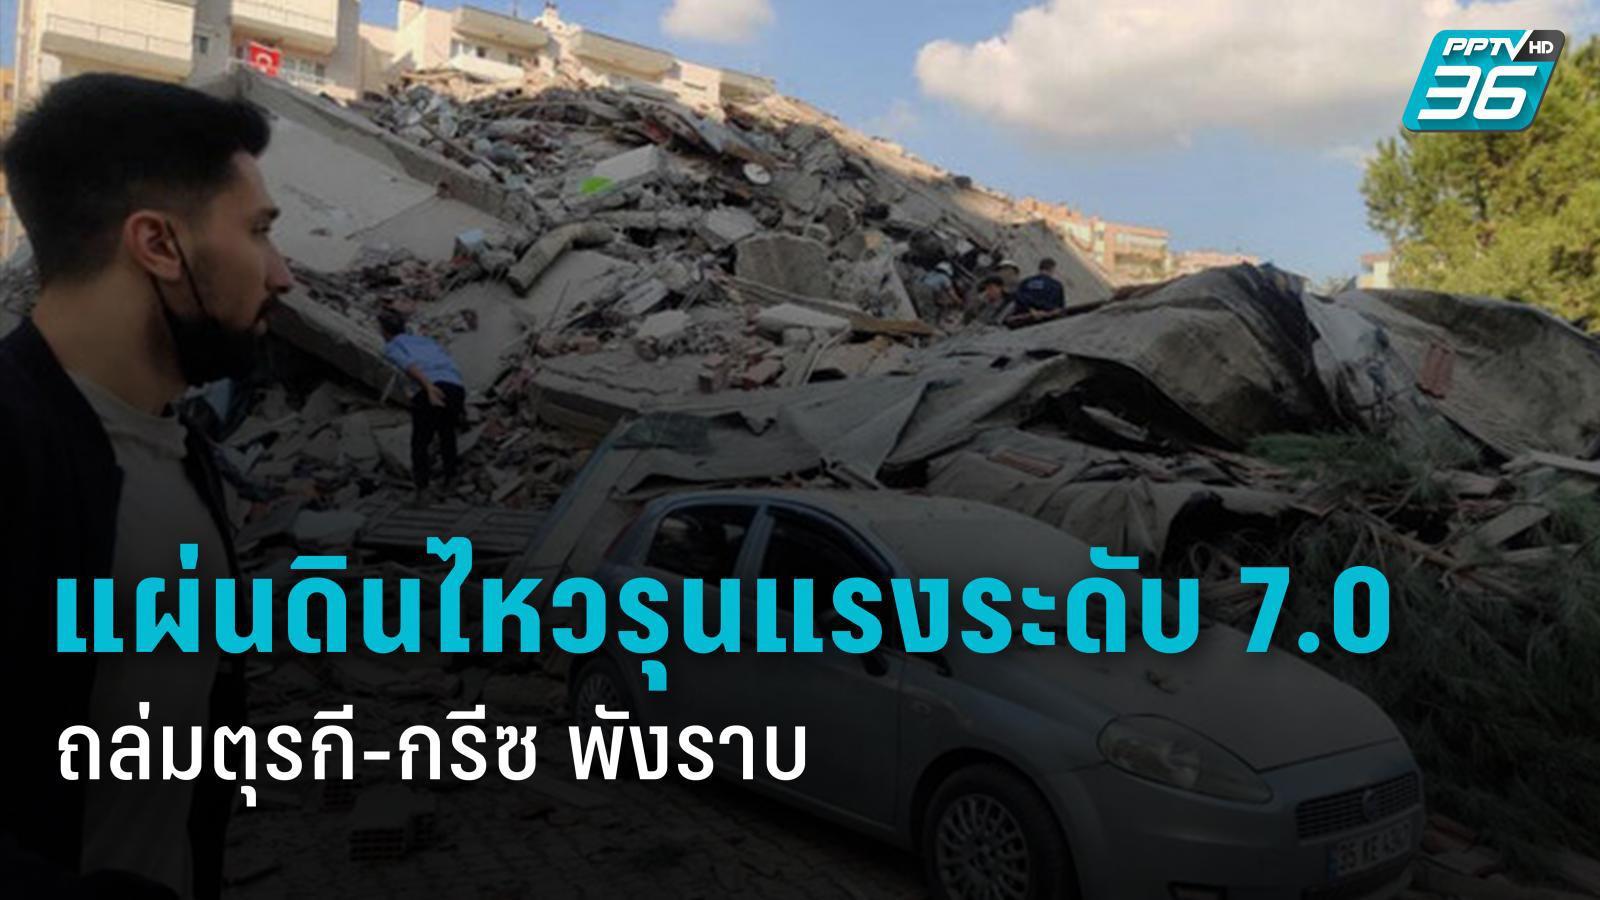 อัปเดตแผ่นดินไหวรุนแรงขนาด 7.0 ถล่ม ตุรกี-กรีซ ดับ 22 เจ็บ 800